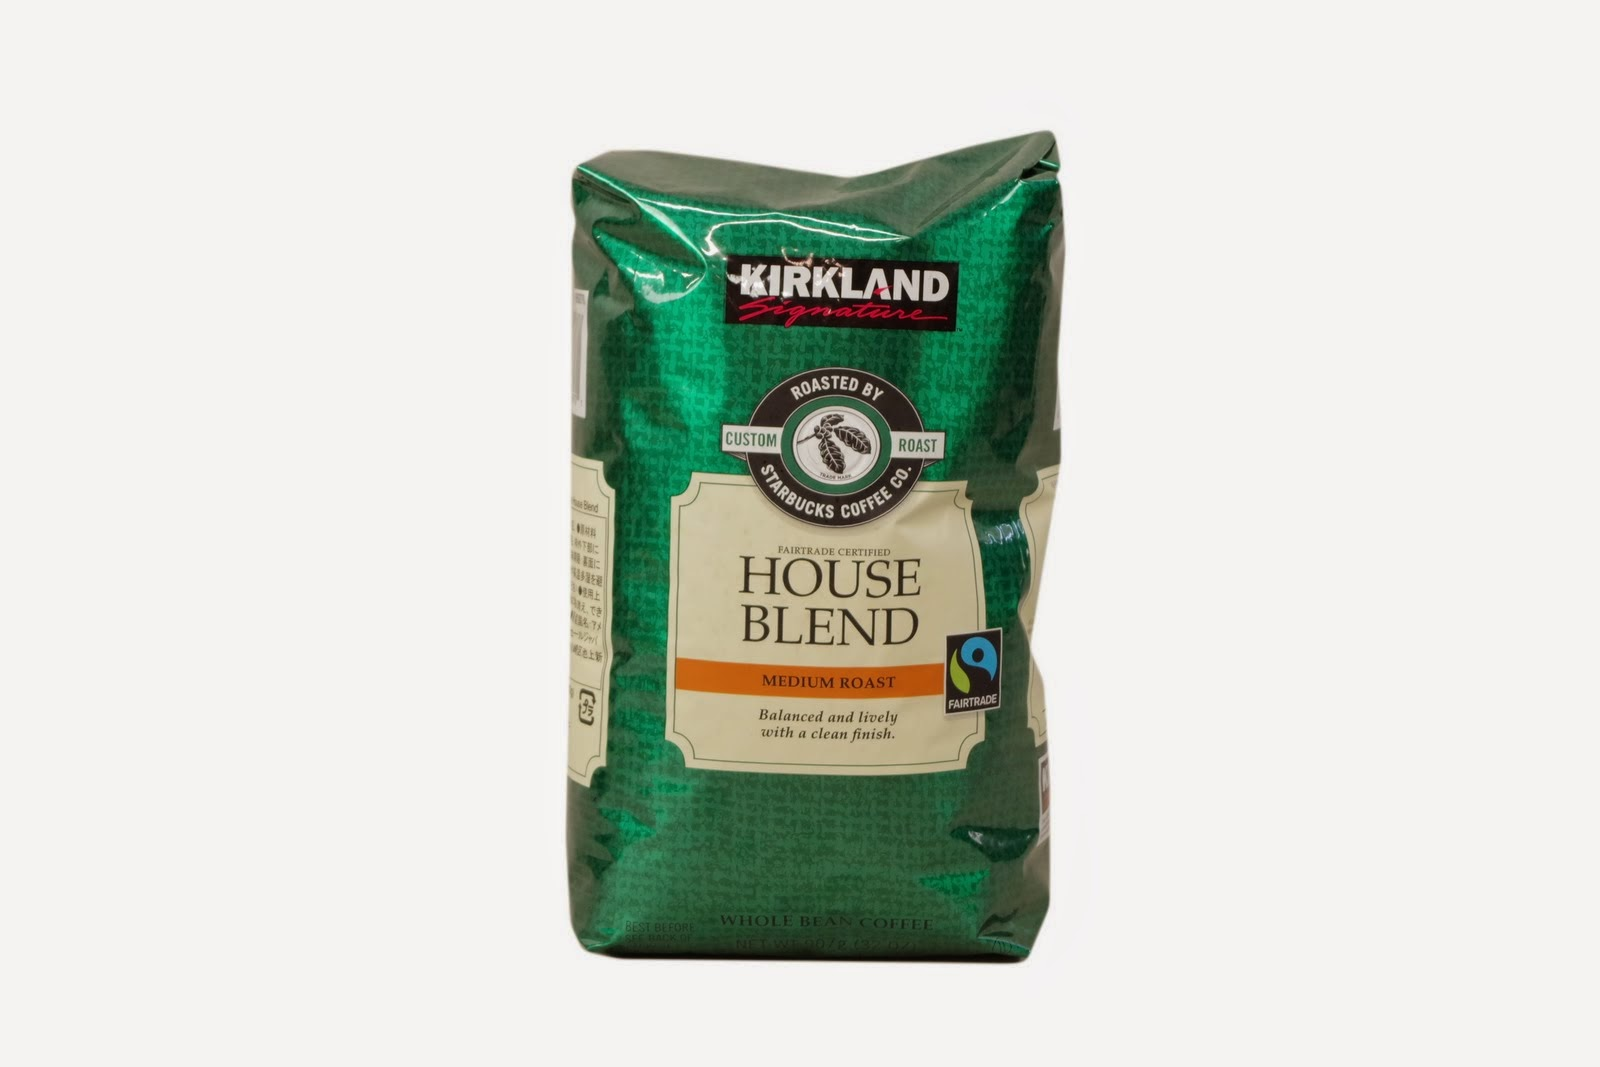 豆 ハウス ブレンド 【6個セット送料無料】 コーヒー スターバックス 907g ロースト ミディアム